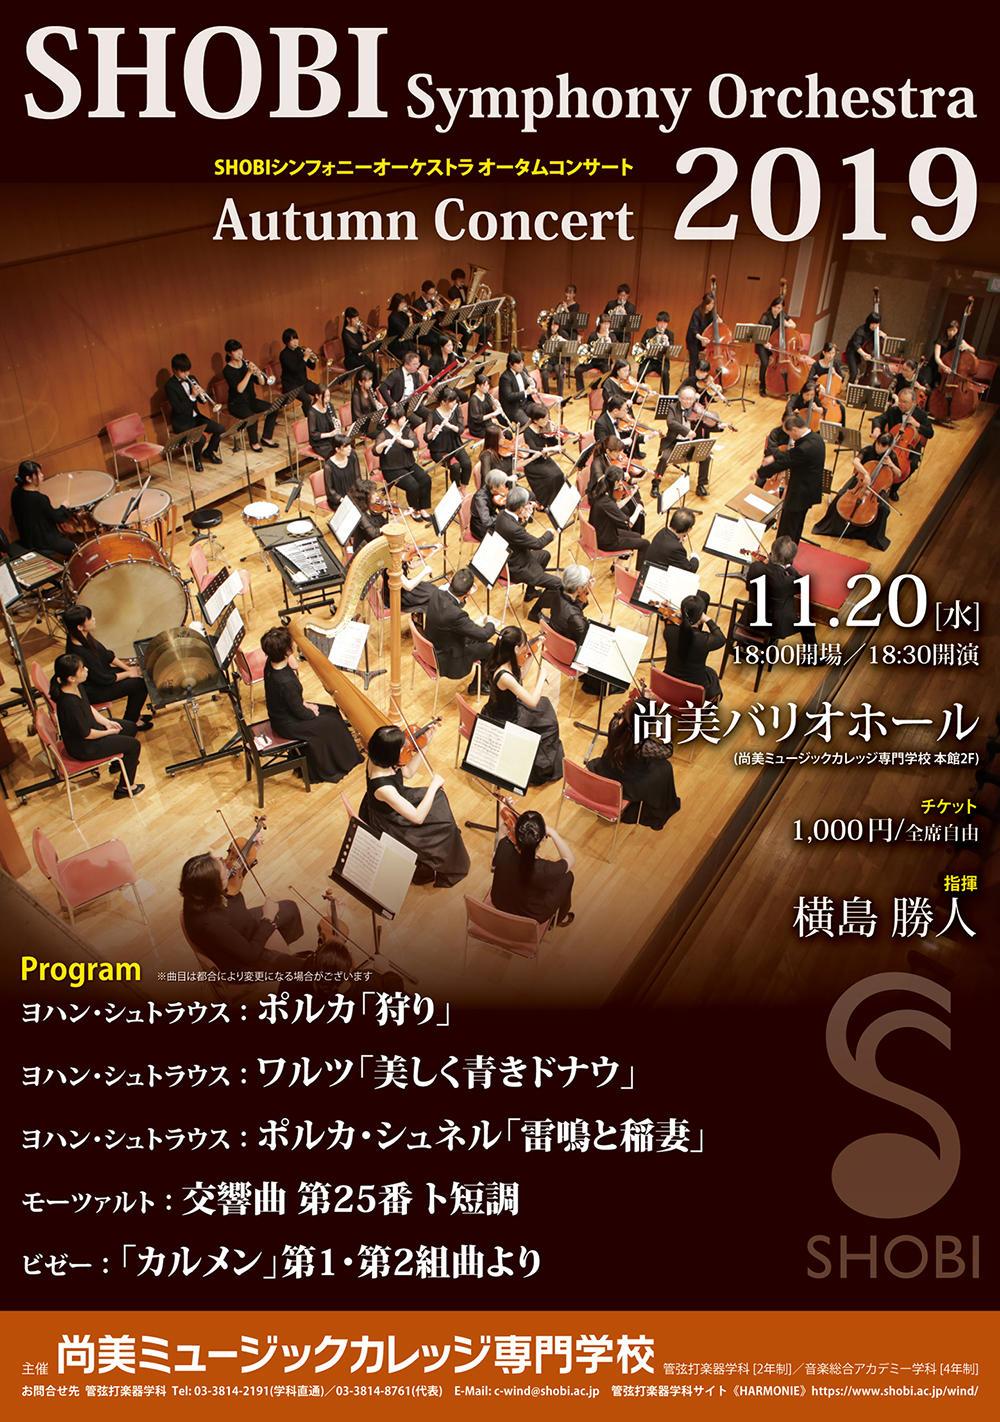 【11月20日開催】SHOBIシンフォニーオーケストラ オータムコンサート2019